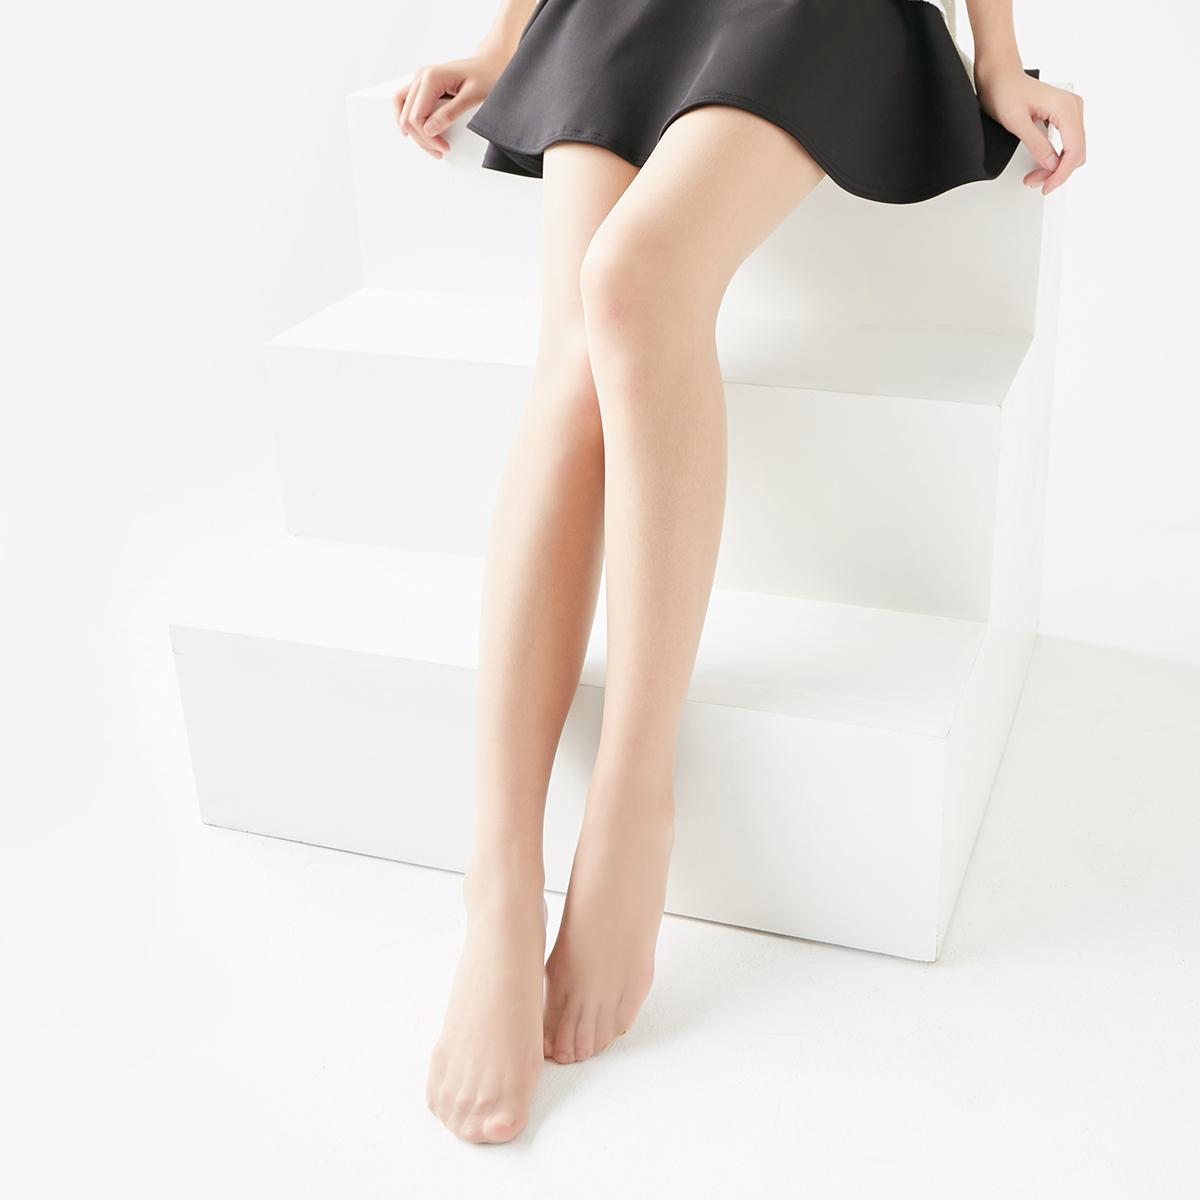 美腿10d超柔通透光腿神器进口蚕丝袜超薄丝袜 黑丝连裤袜